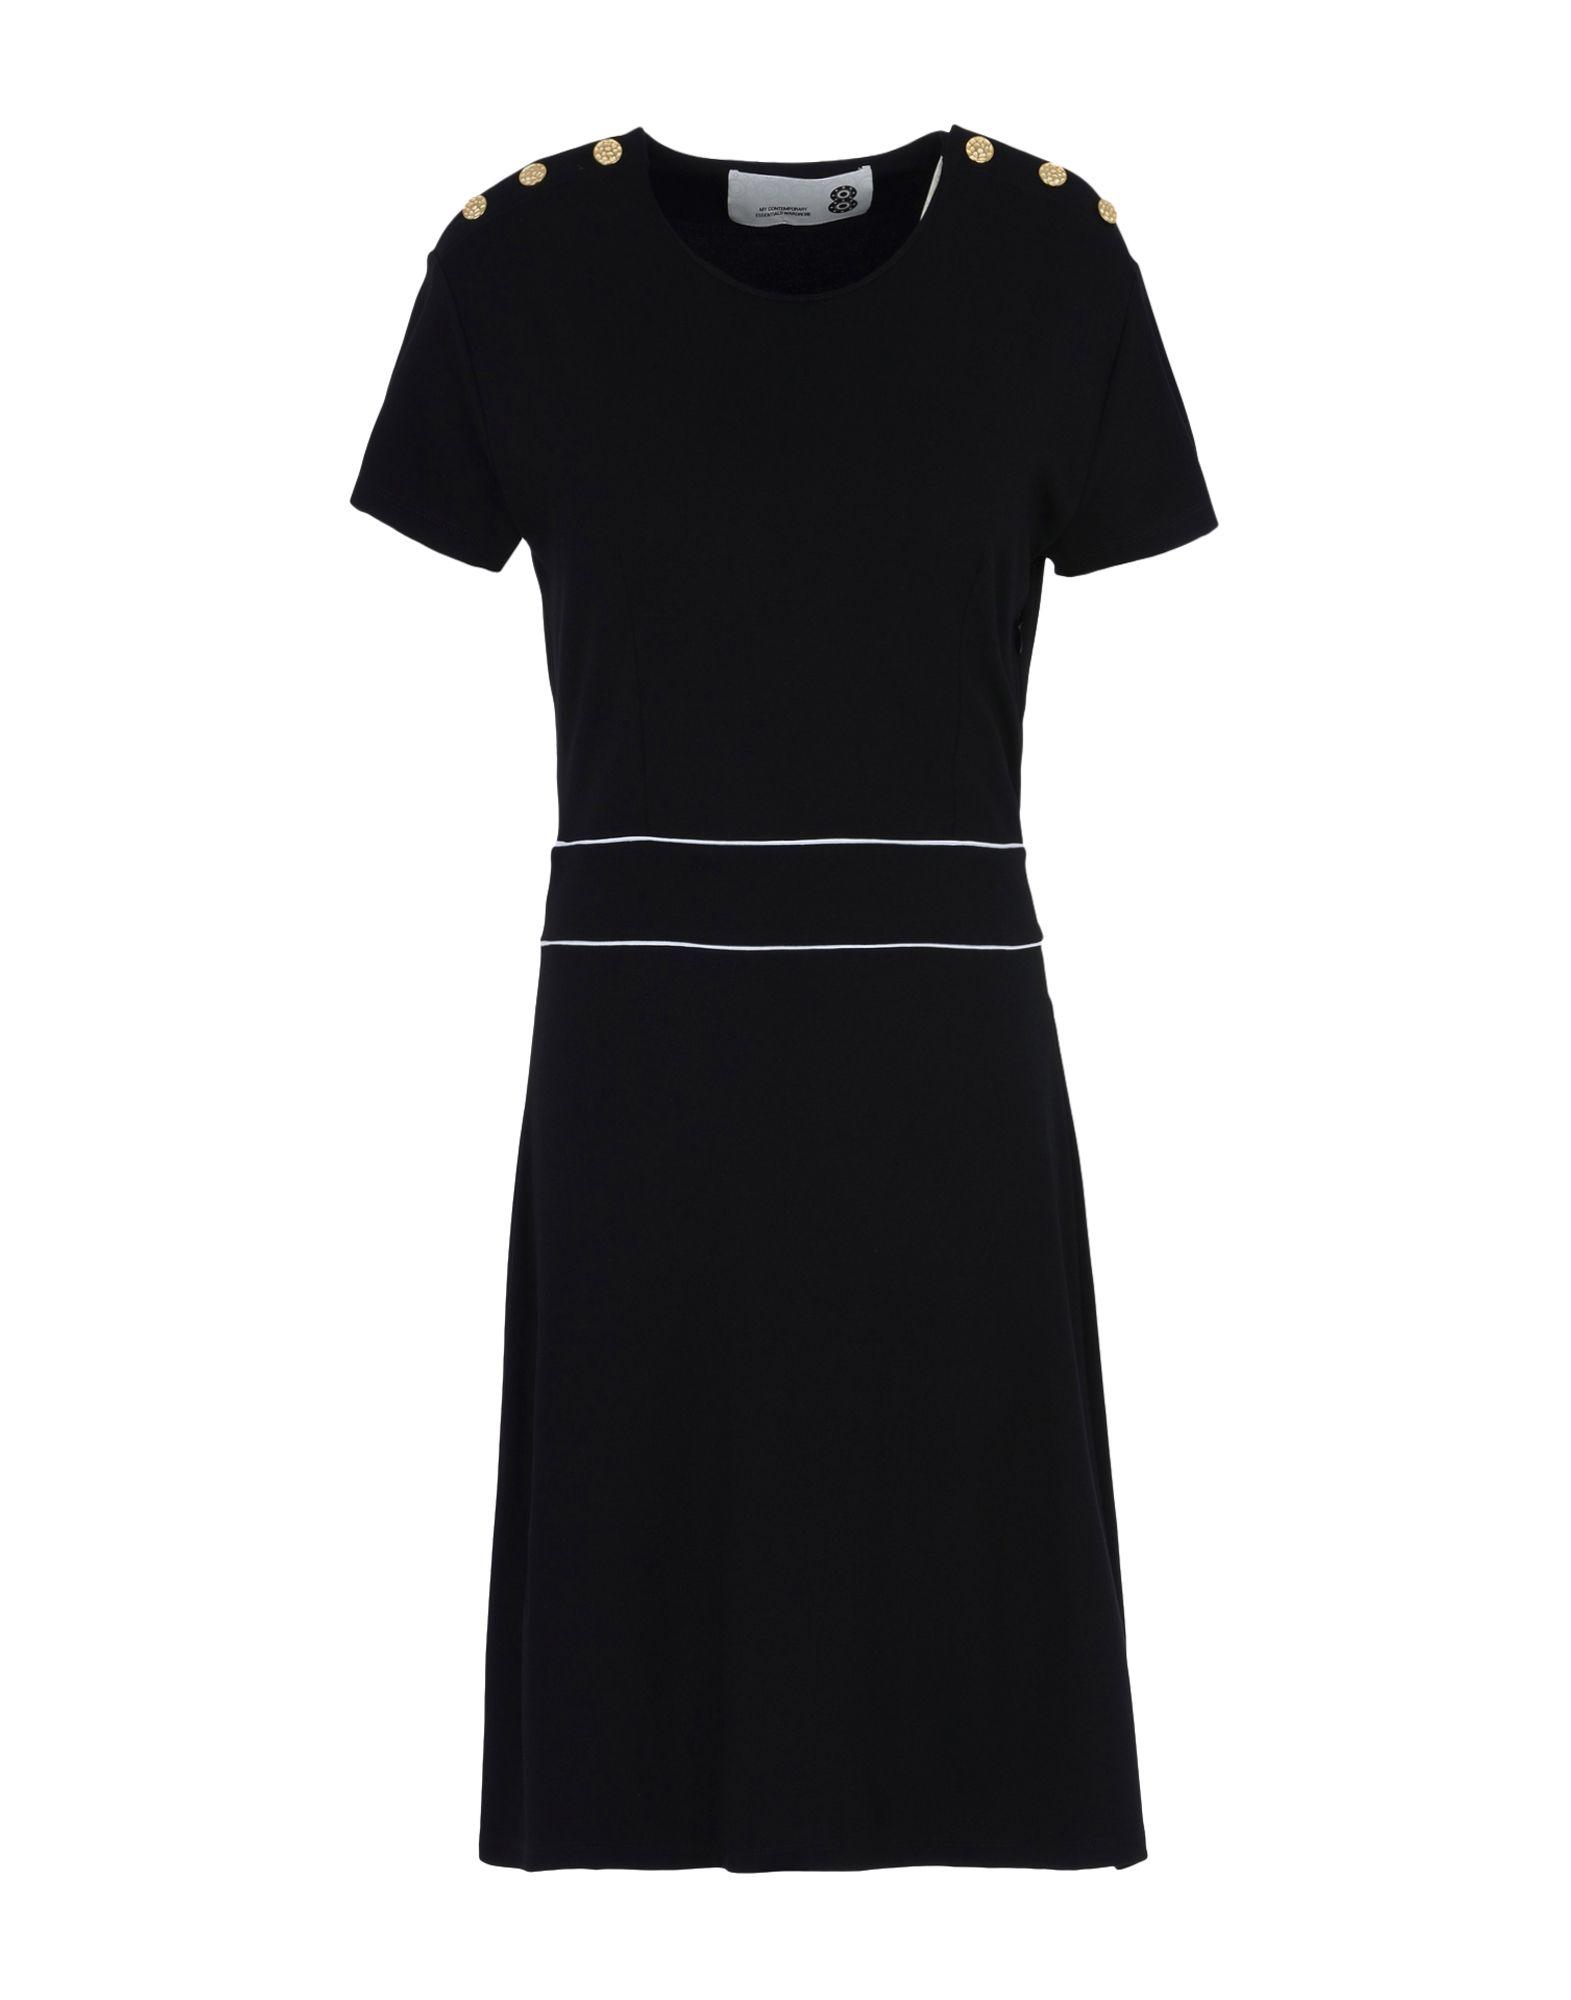 8 Короткое платье velvet короткое платье